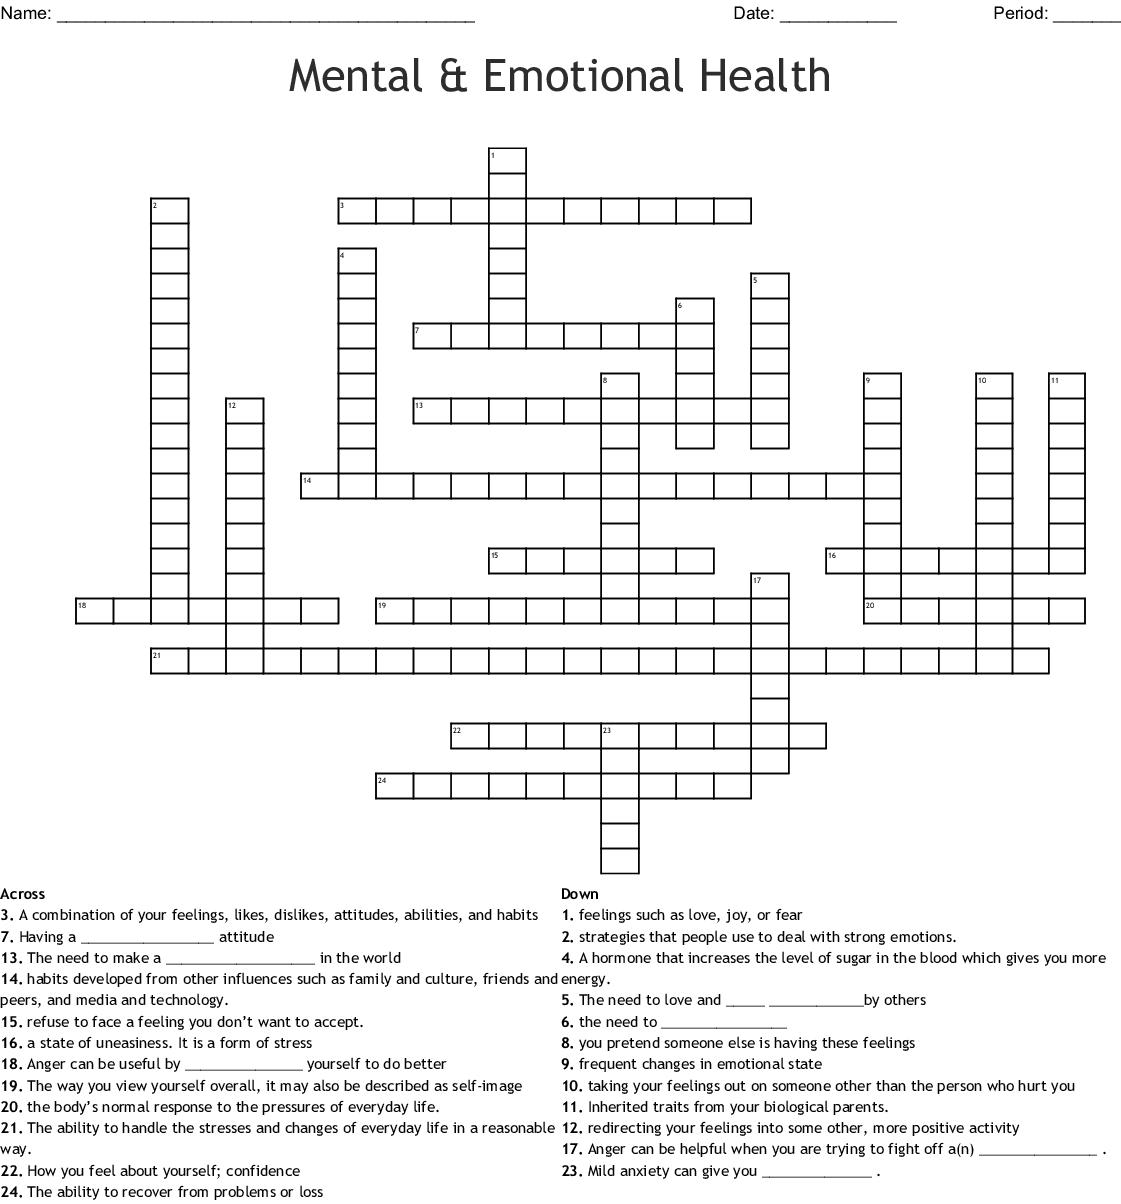 12 Defense Mechanisms Crossword Wordmint